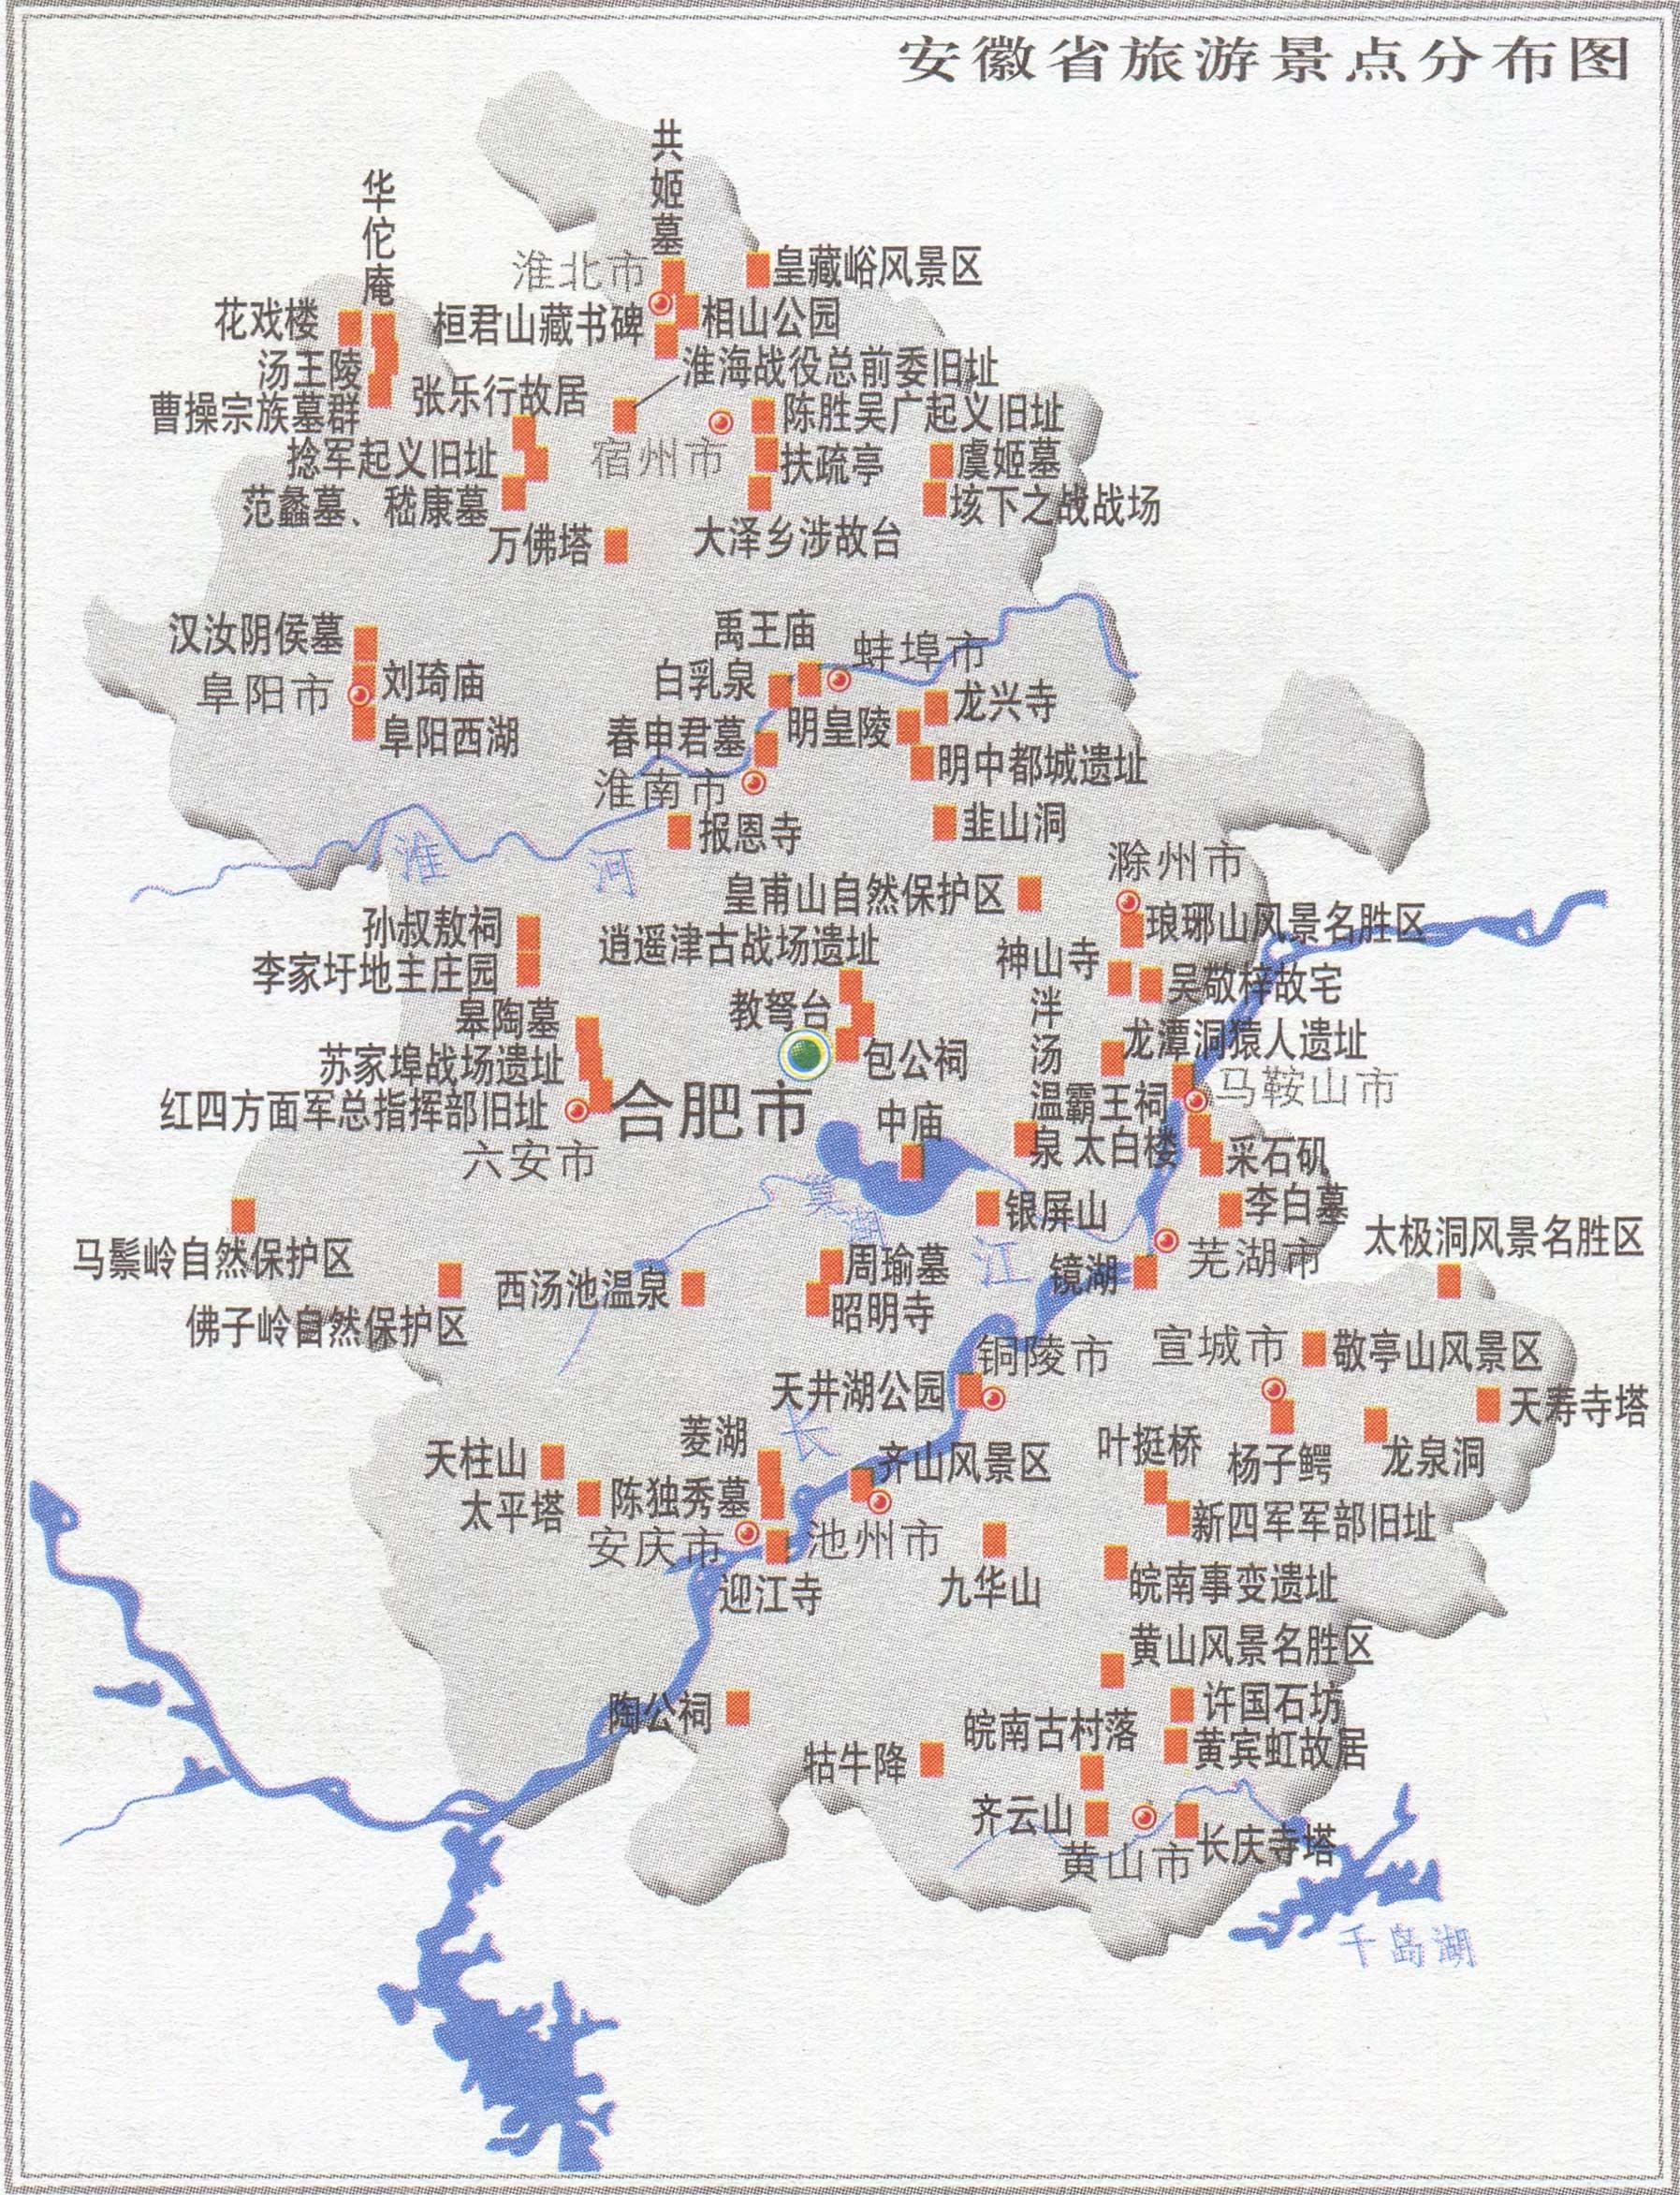 地图库 中国地图 专题 景点分布图 >> 安徽旅游景点分布图